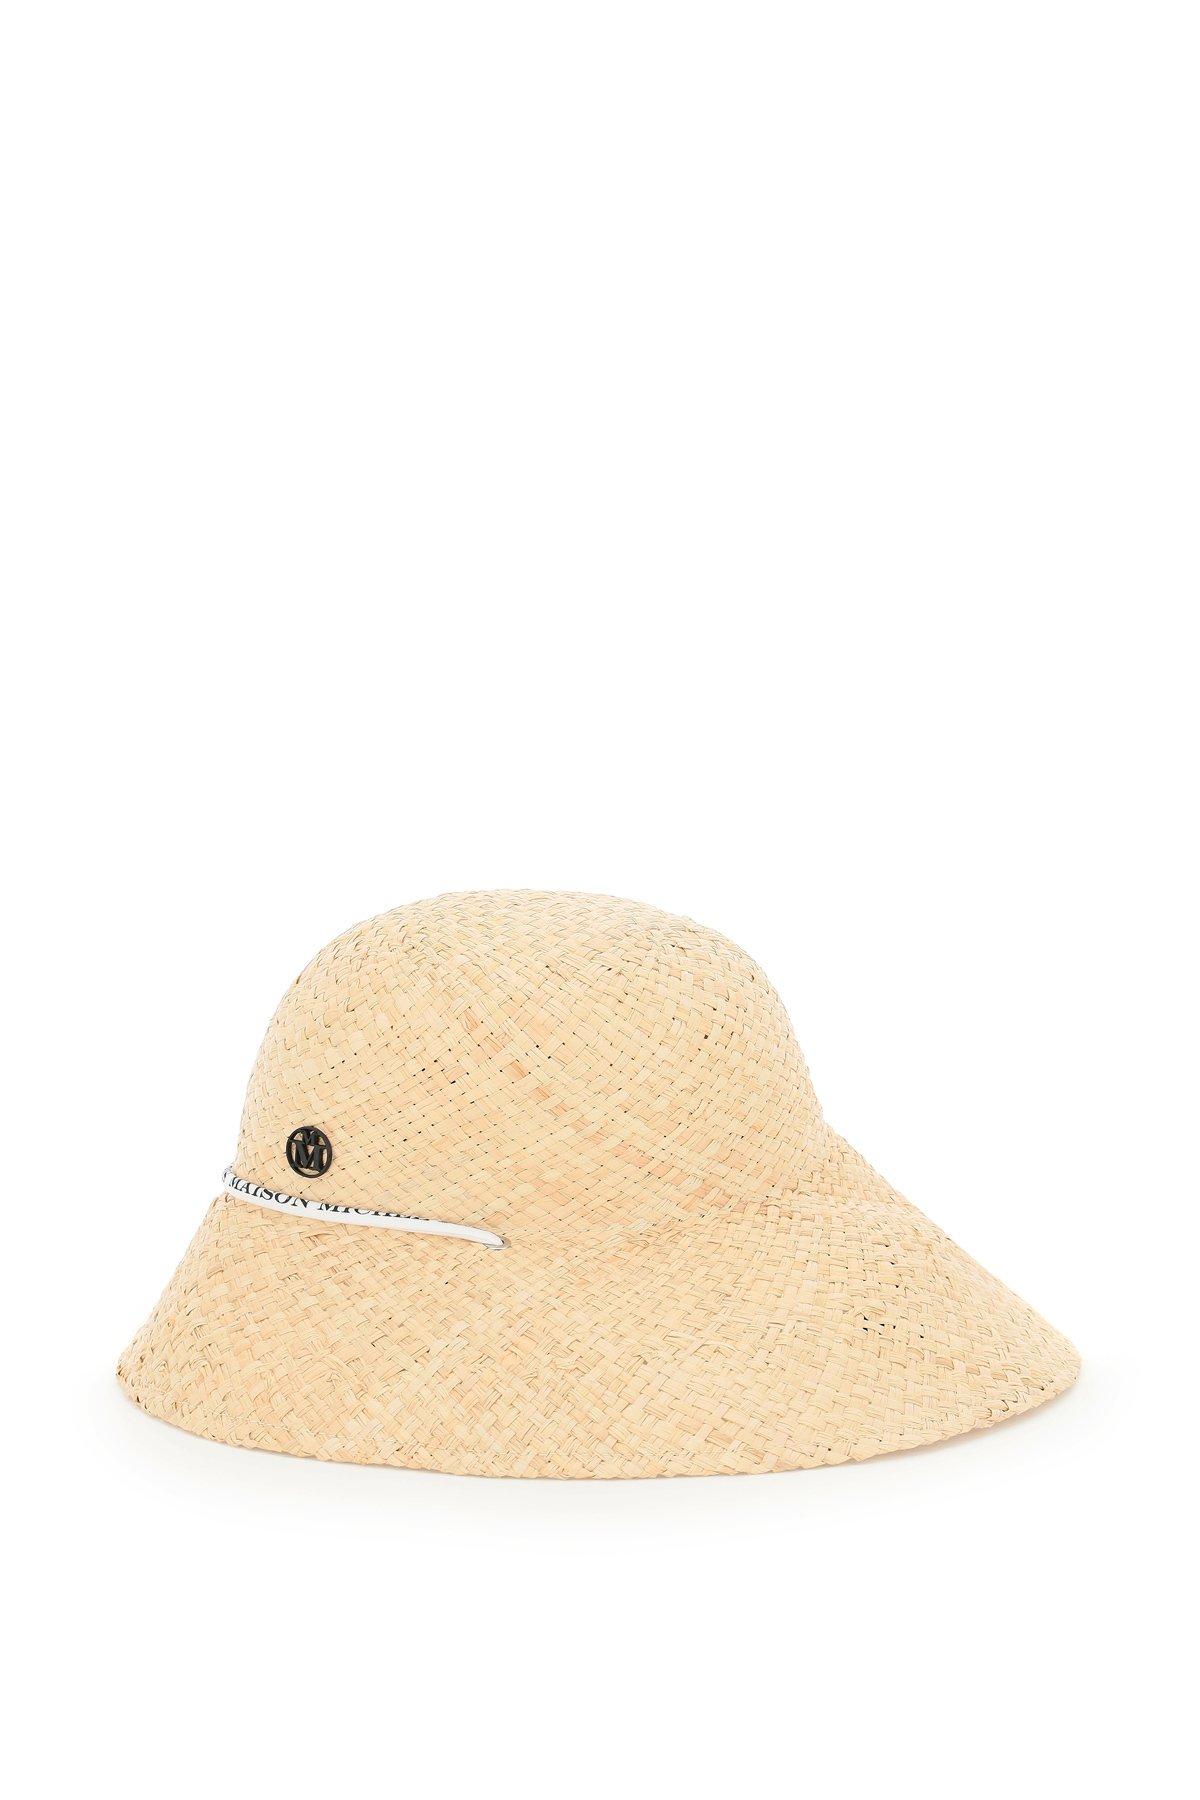 Maison michel cappello in rafia julianne